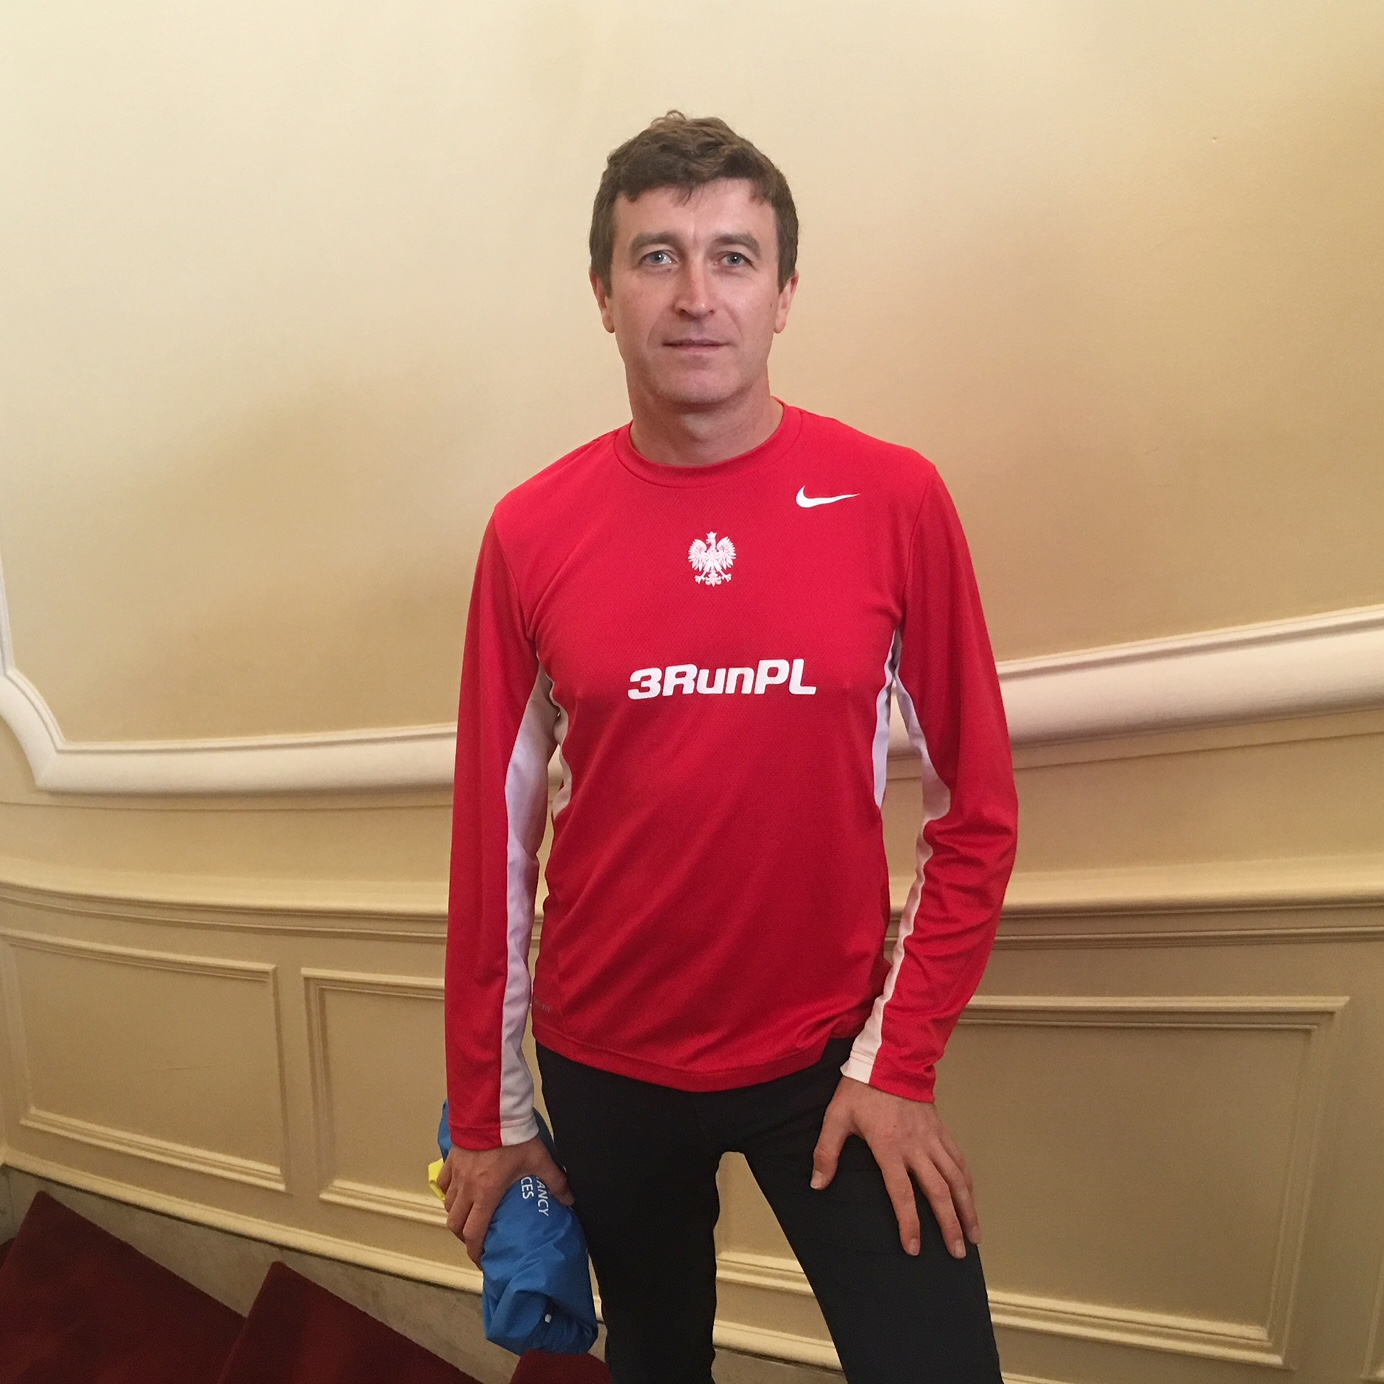 Maraton w Nowym Jorku, 3run.pl